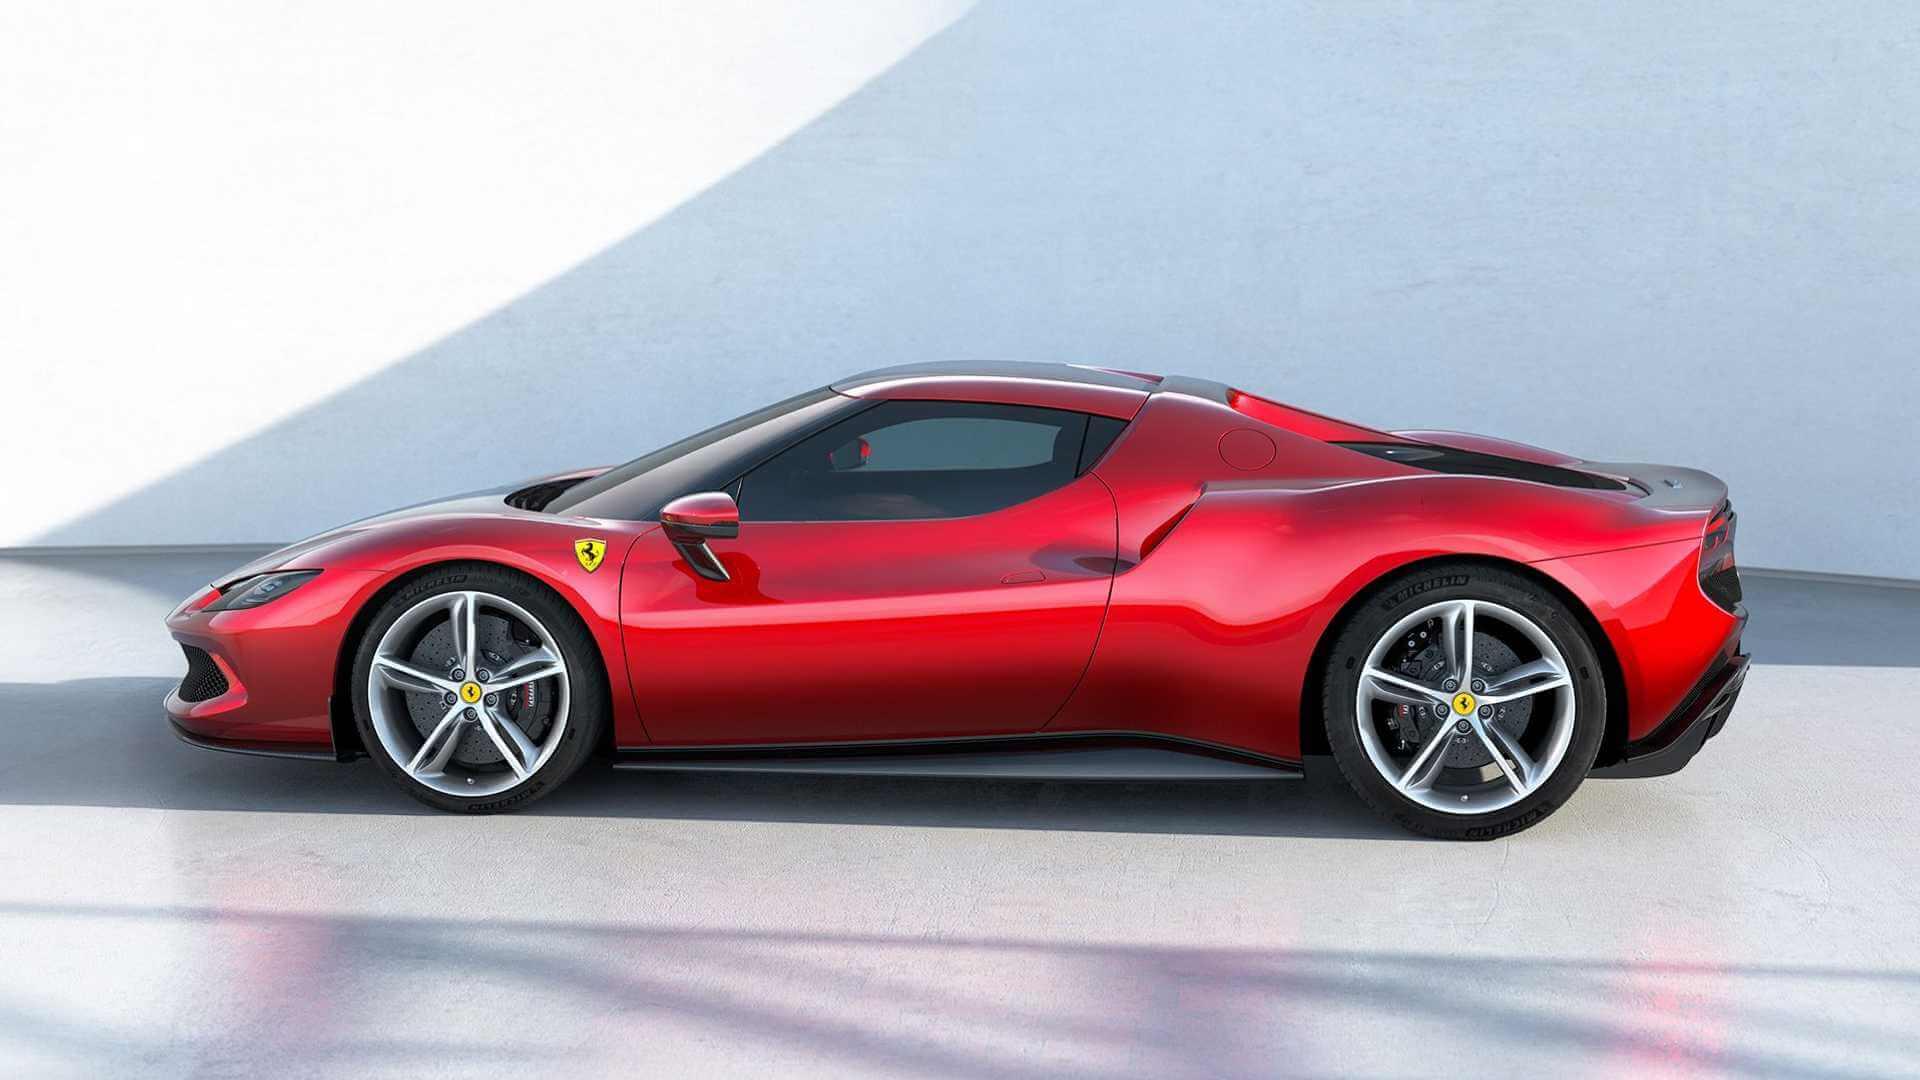 Подключаемая гибридная система Ferrari 296 GTB максимизирует удобство использования и удовольствие от вождения